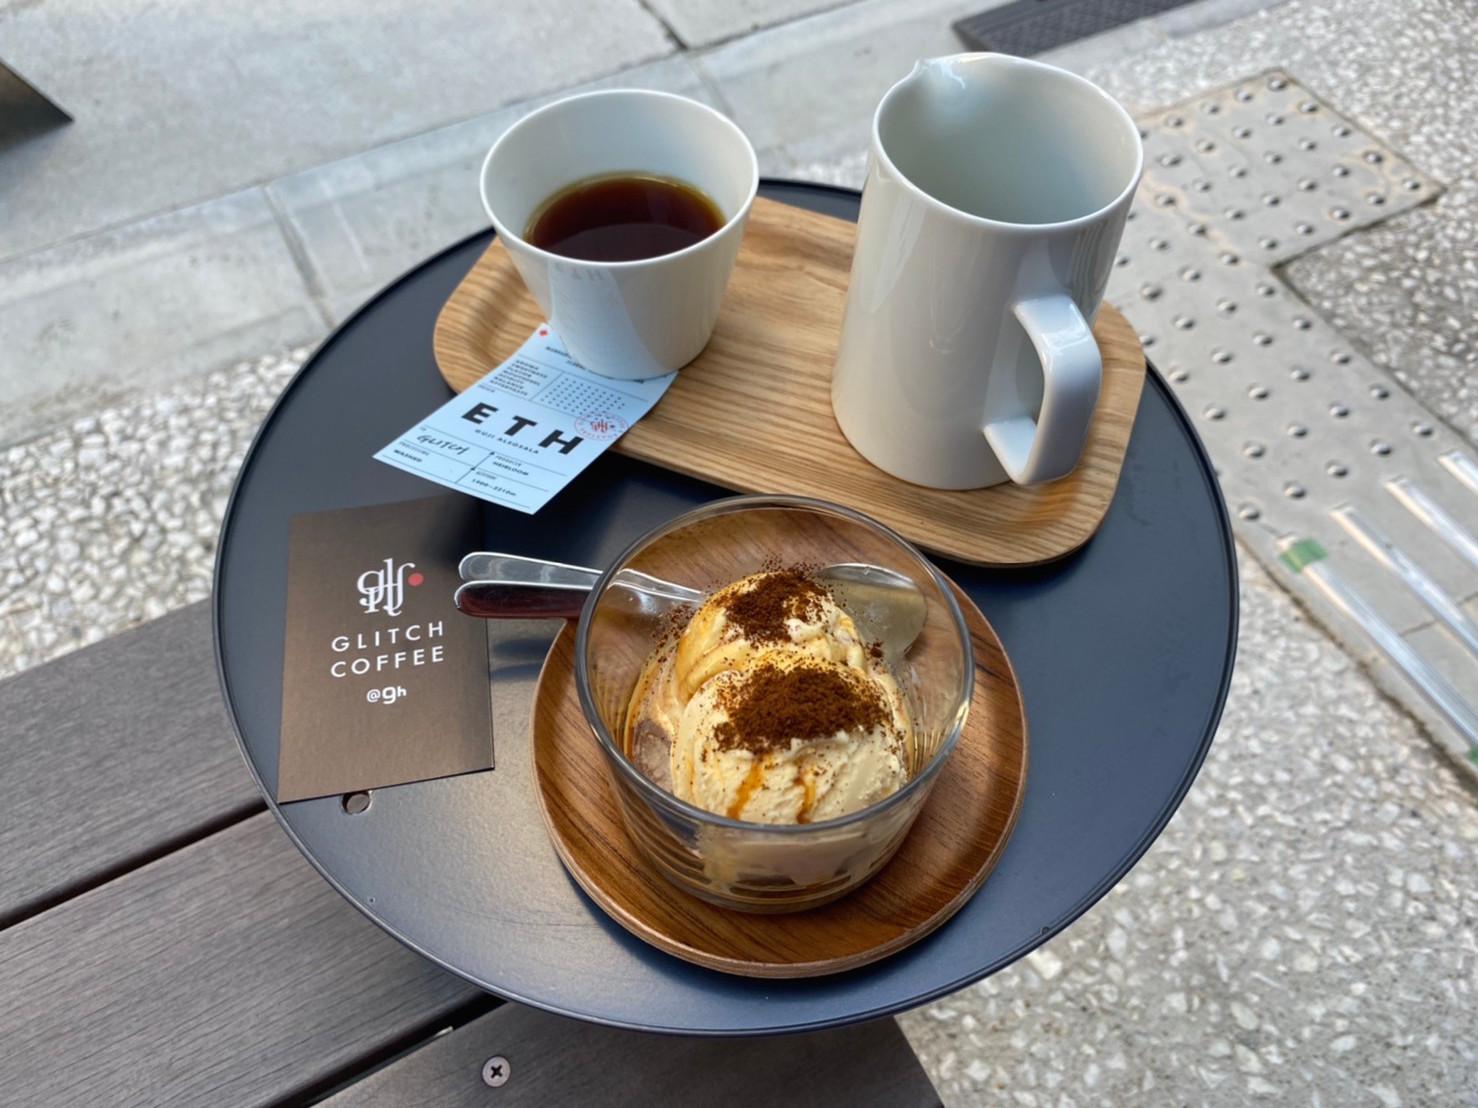 名駅|コーヒーの新たな魅力に迫る!名駅すぐのスタイリッシュなコーヒースタンド